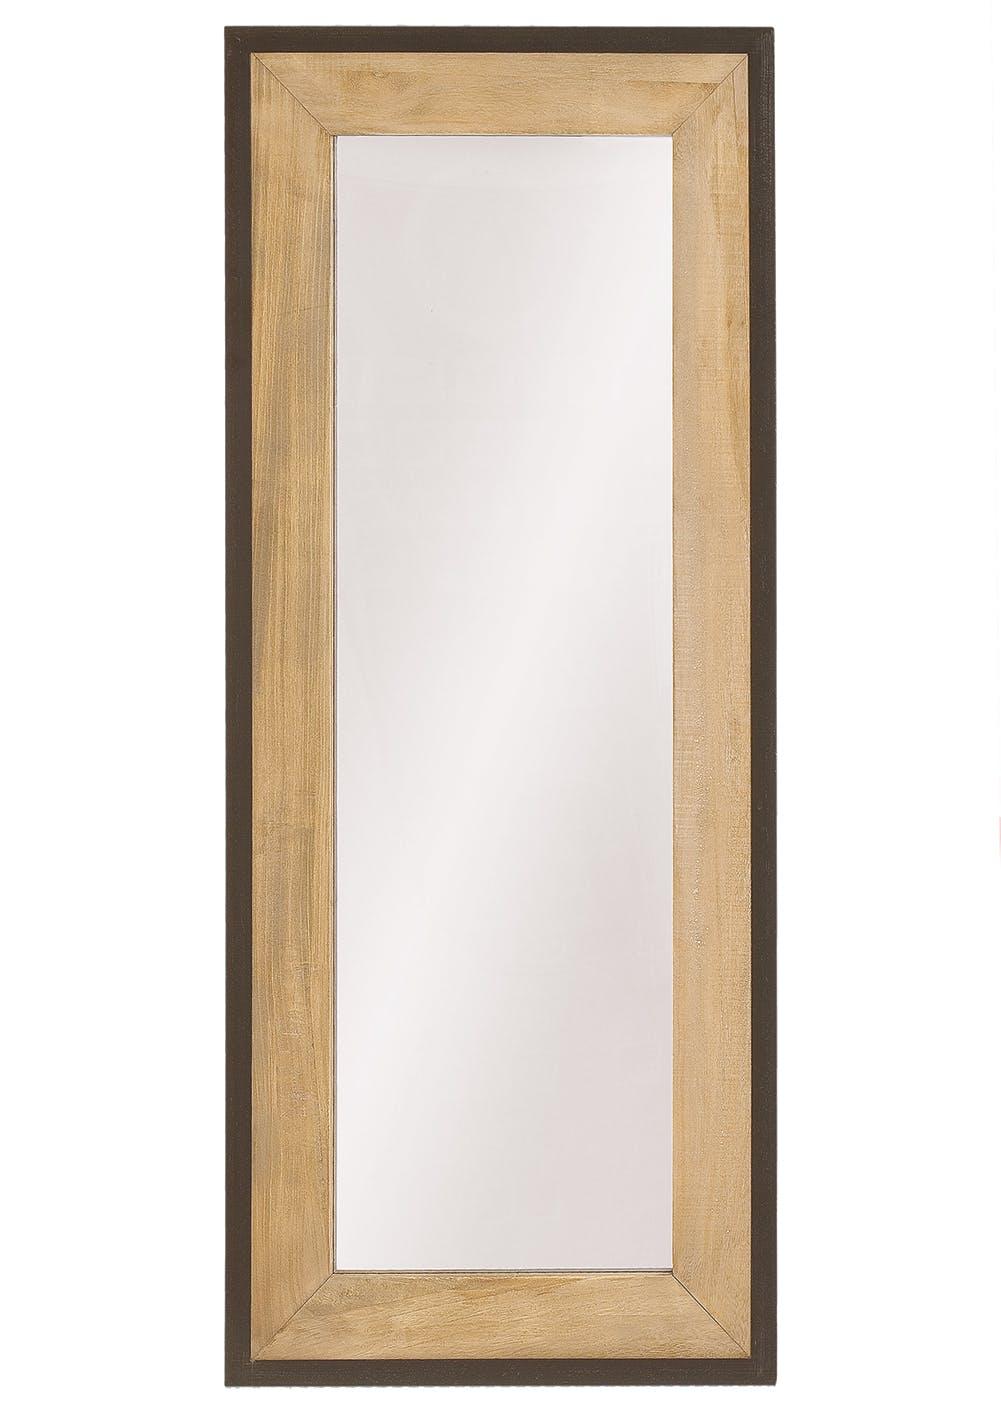 Miroir rectangulaire Industriel bois et métal LALI H 135 X Larg 58